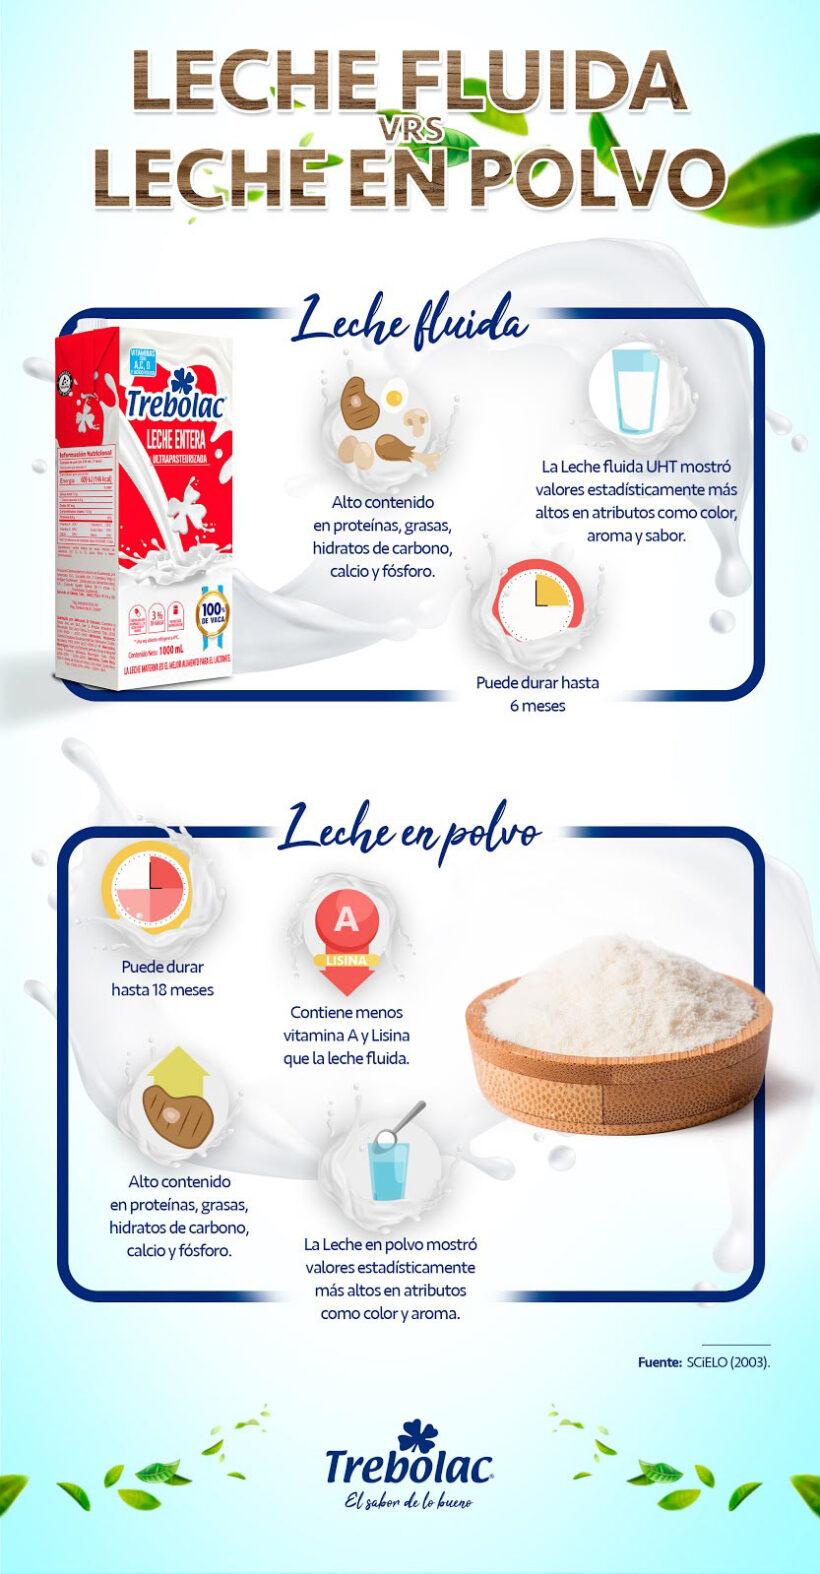 Leche fluida o leche en polvo ¿Qué es mejor?